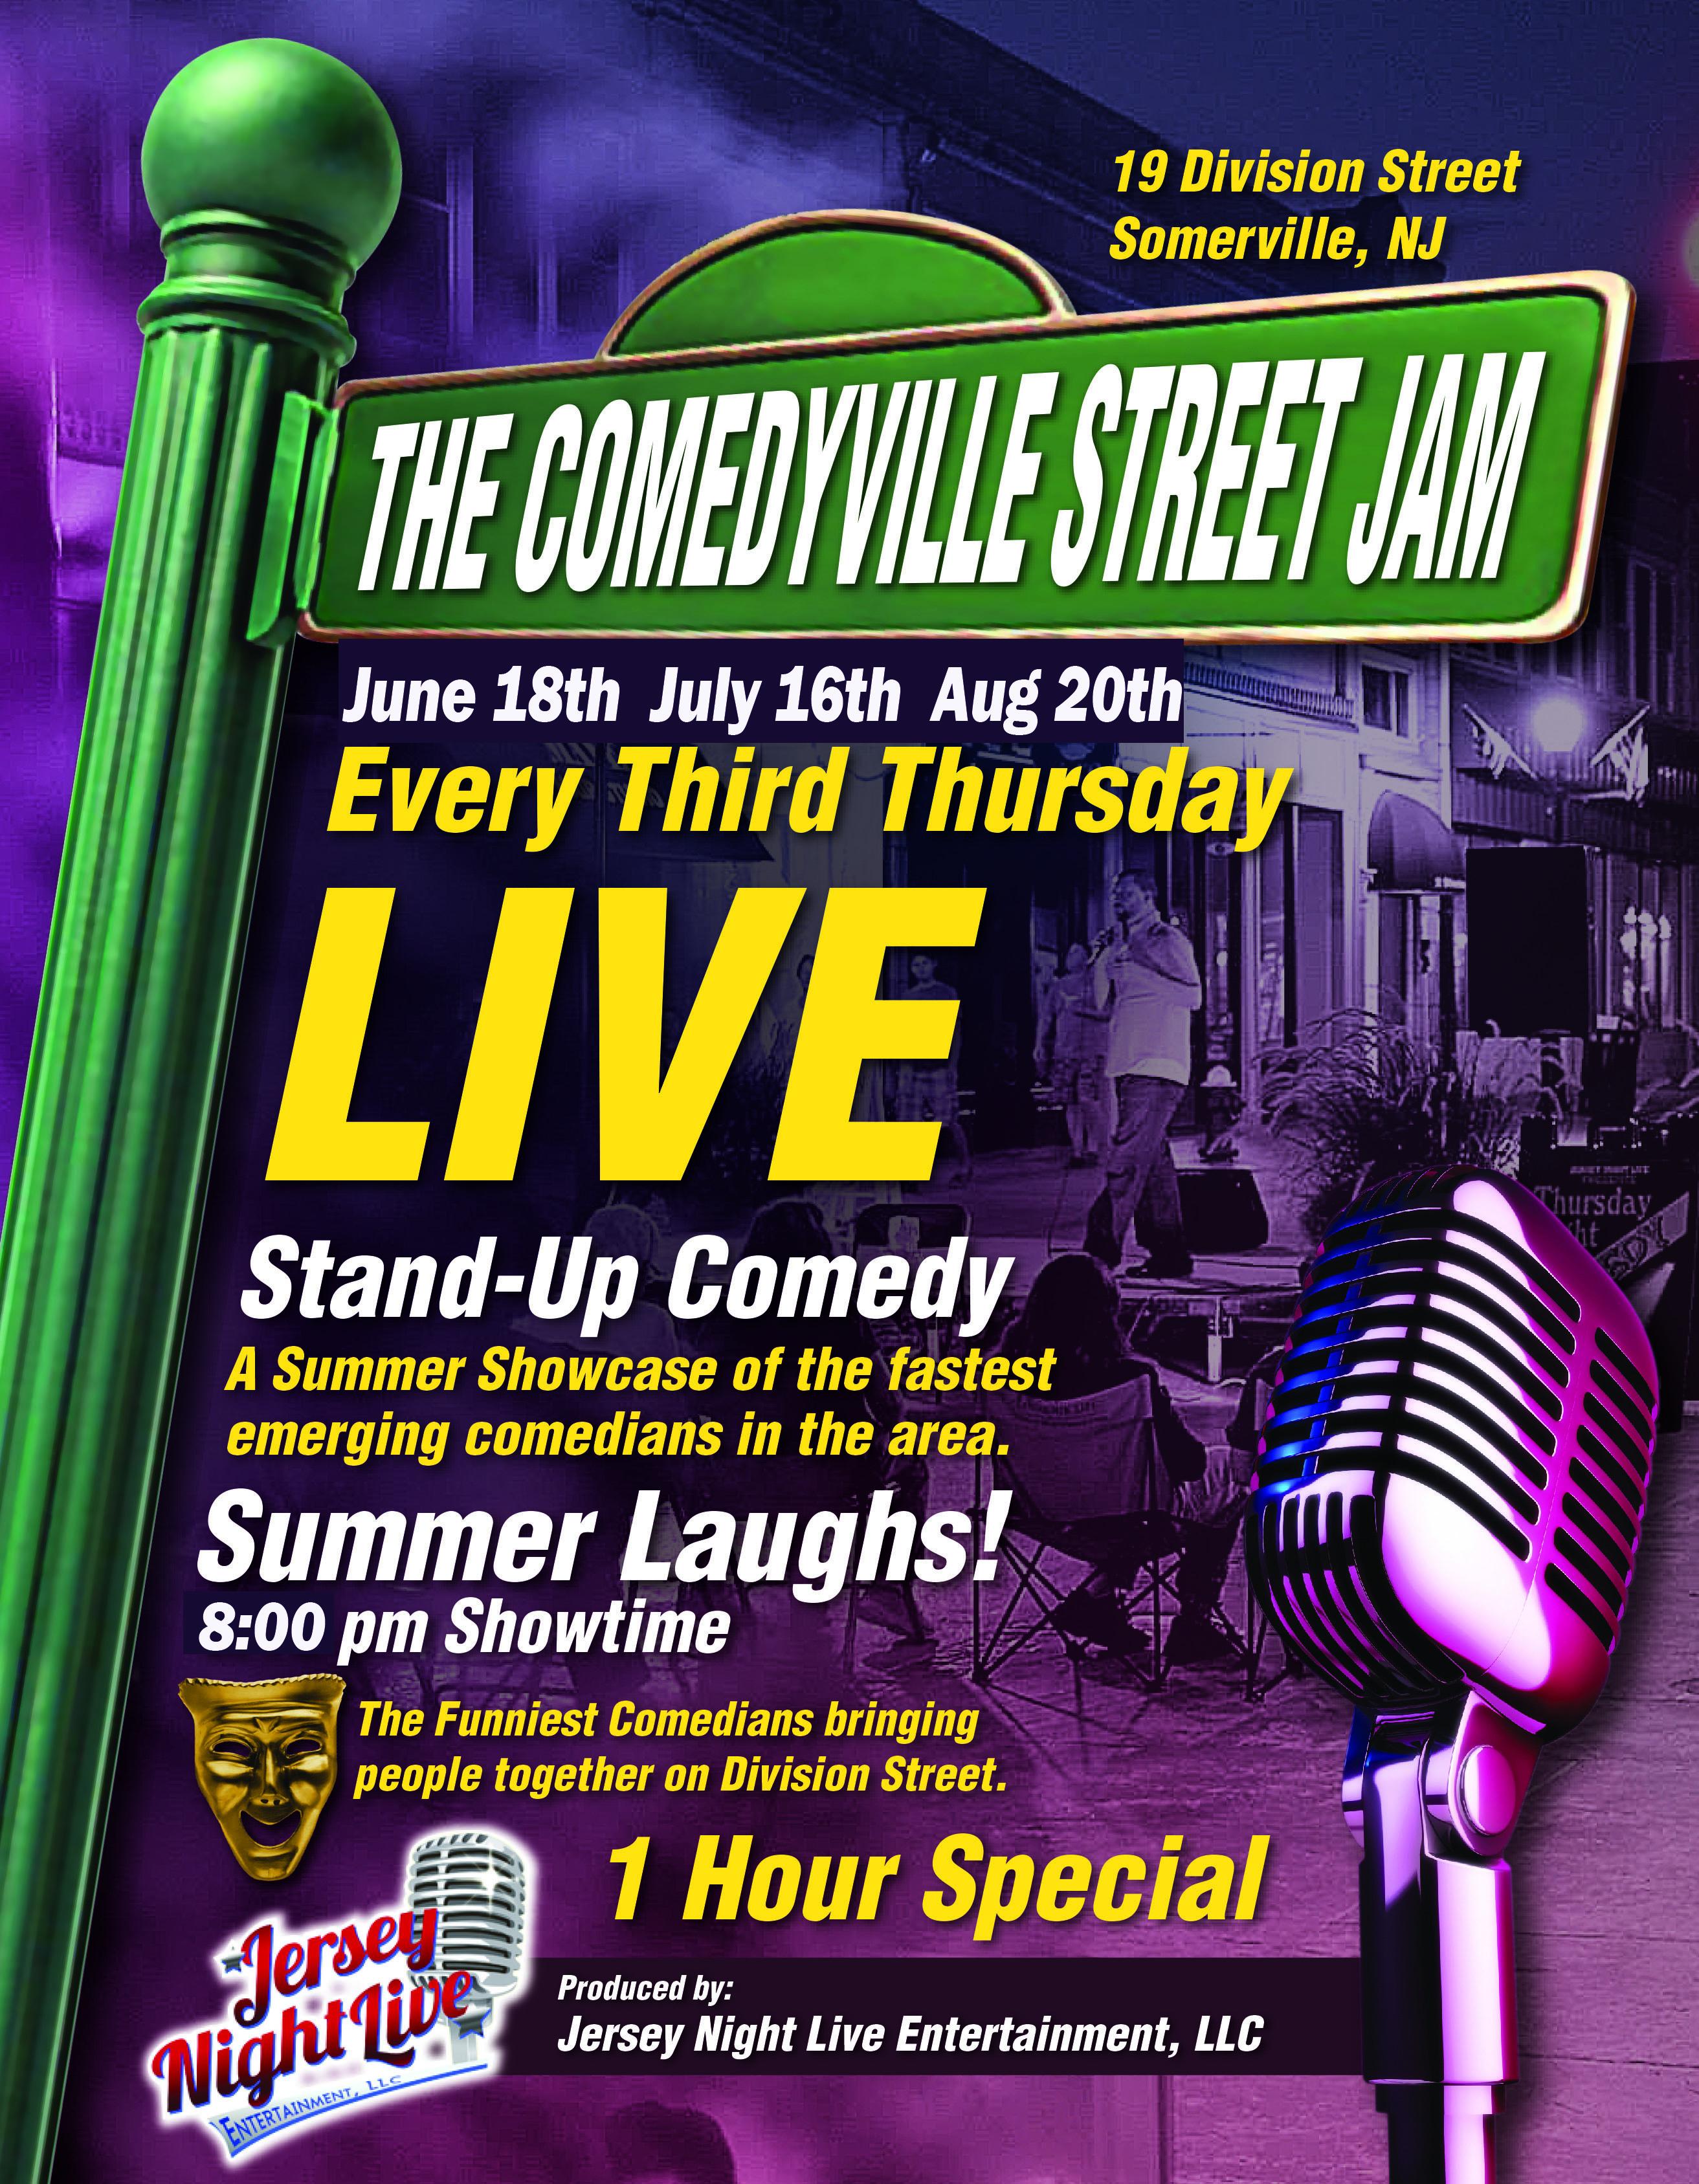 Comedyville Street Flyer -FINAL-v5.jpg